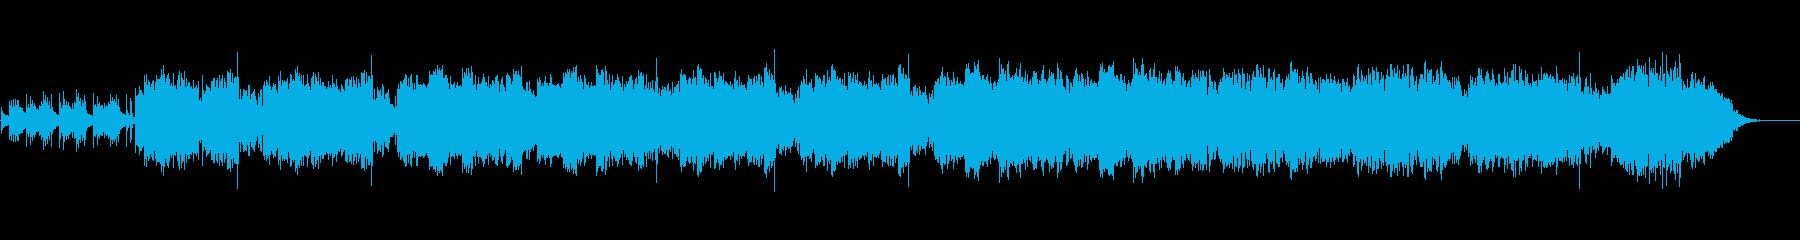 尺八琴三味線を使った和風オリジナル曲の再生済みの波形